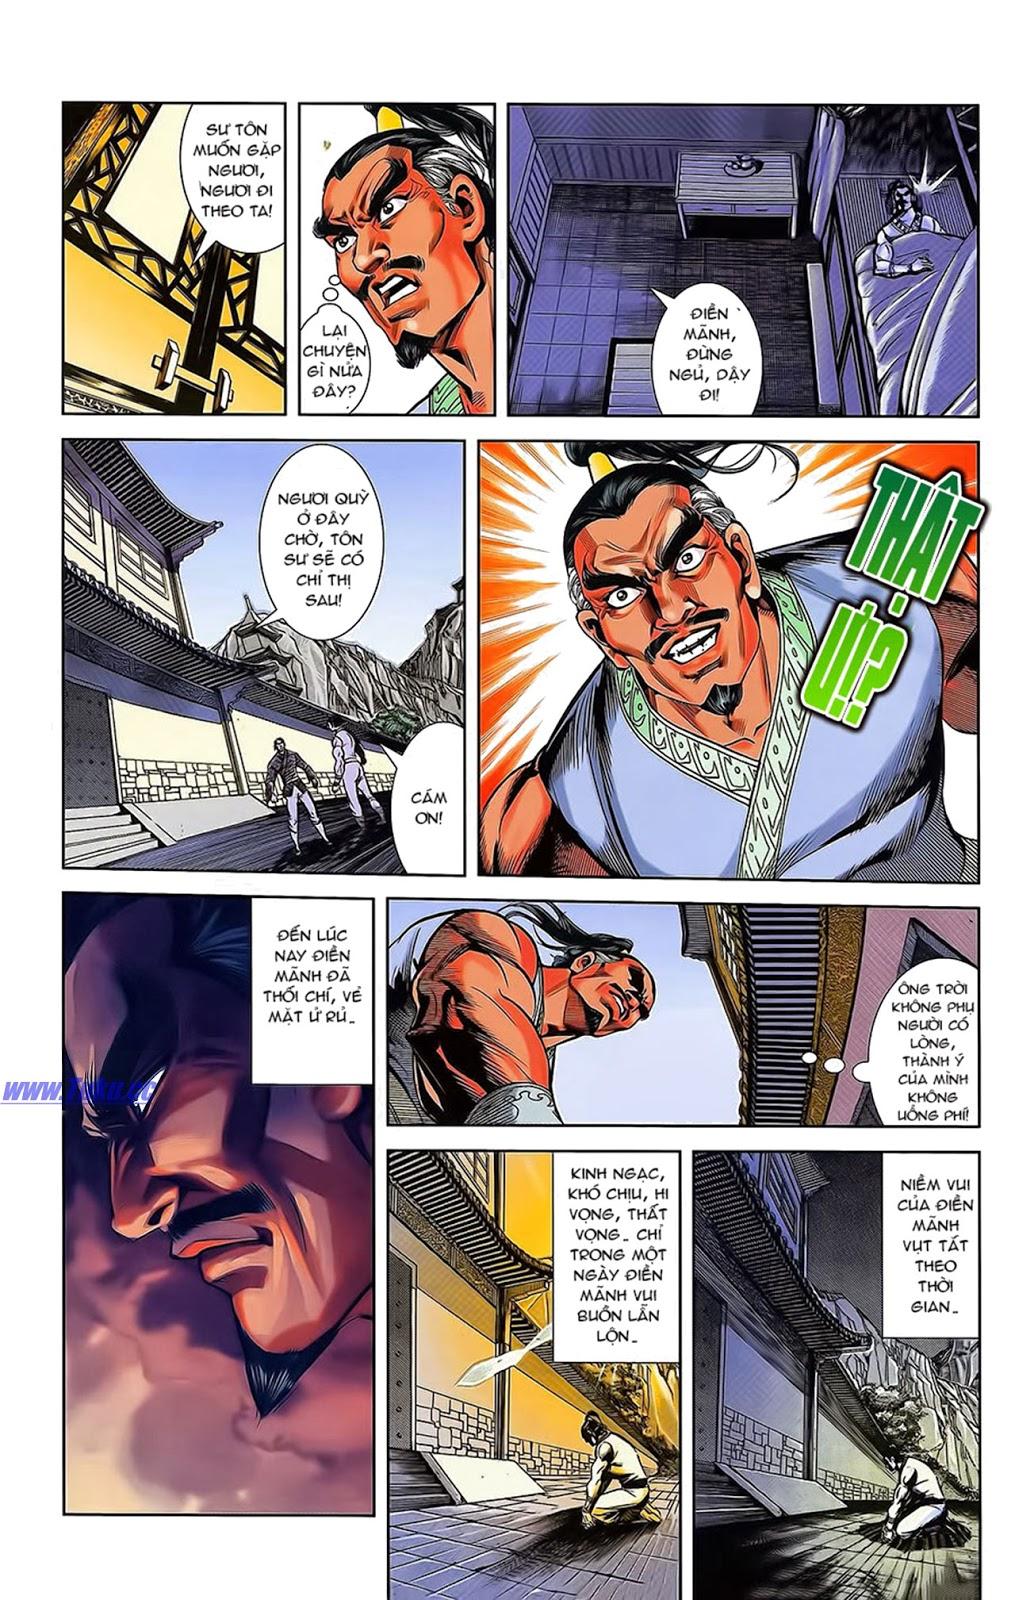 Tần Vương Doanh Chính chapter 15 trang 16